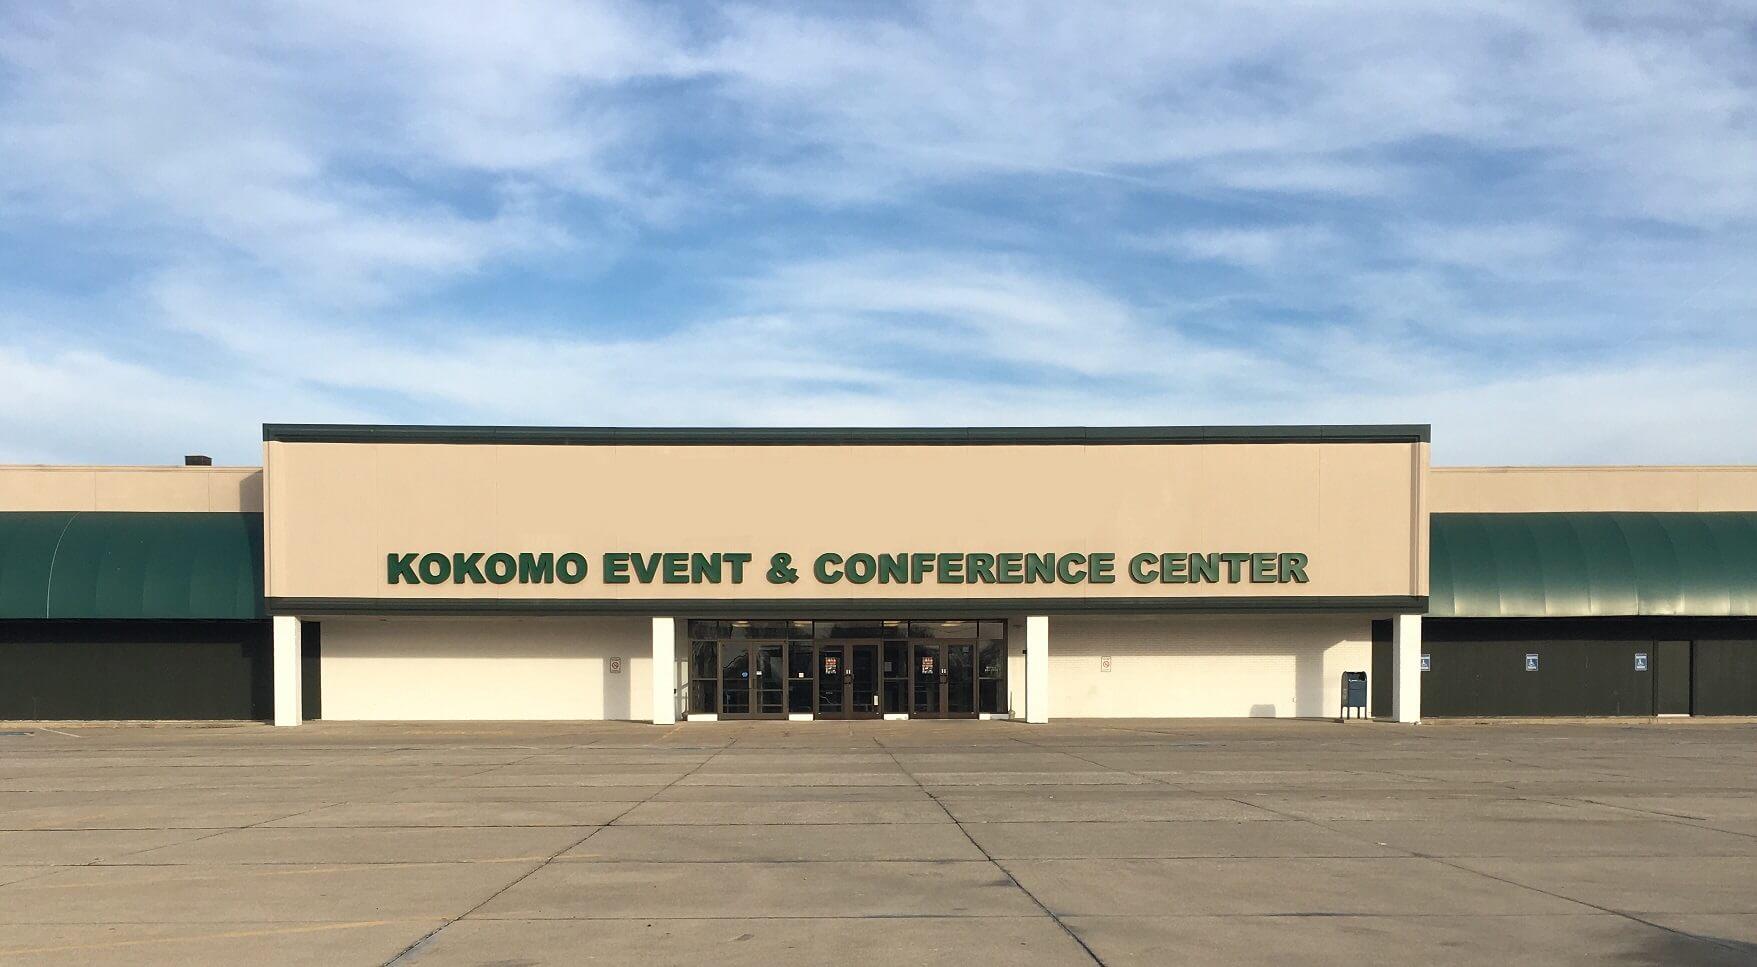 Kokomo Event and Conference Center